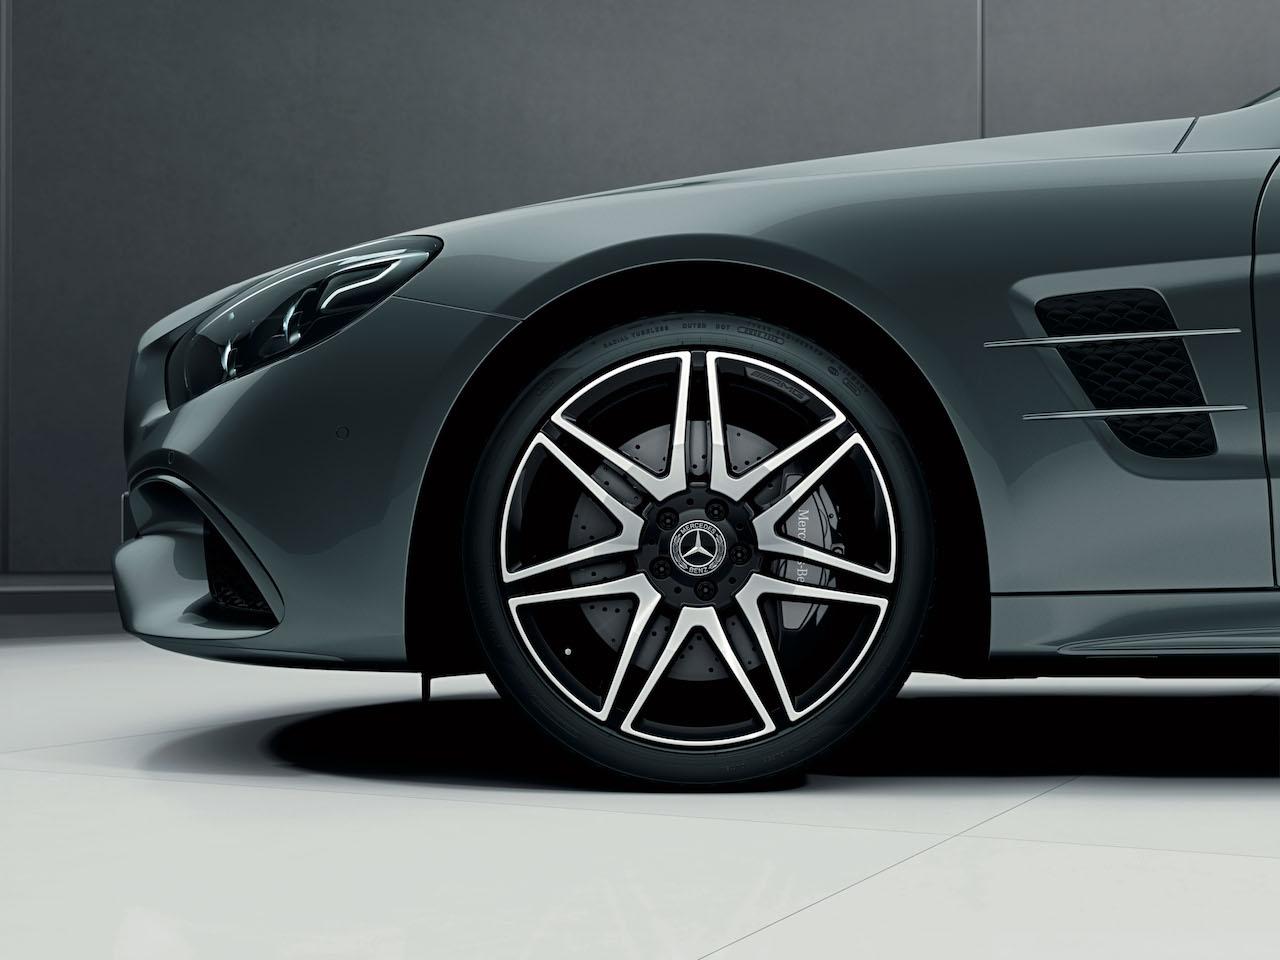 「快適装備とABCサスペンションが備わった特別仕様車、メルセデス・ベンツ「SL 400 Grand Edition」が登場【新車】」の12枚目の画像